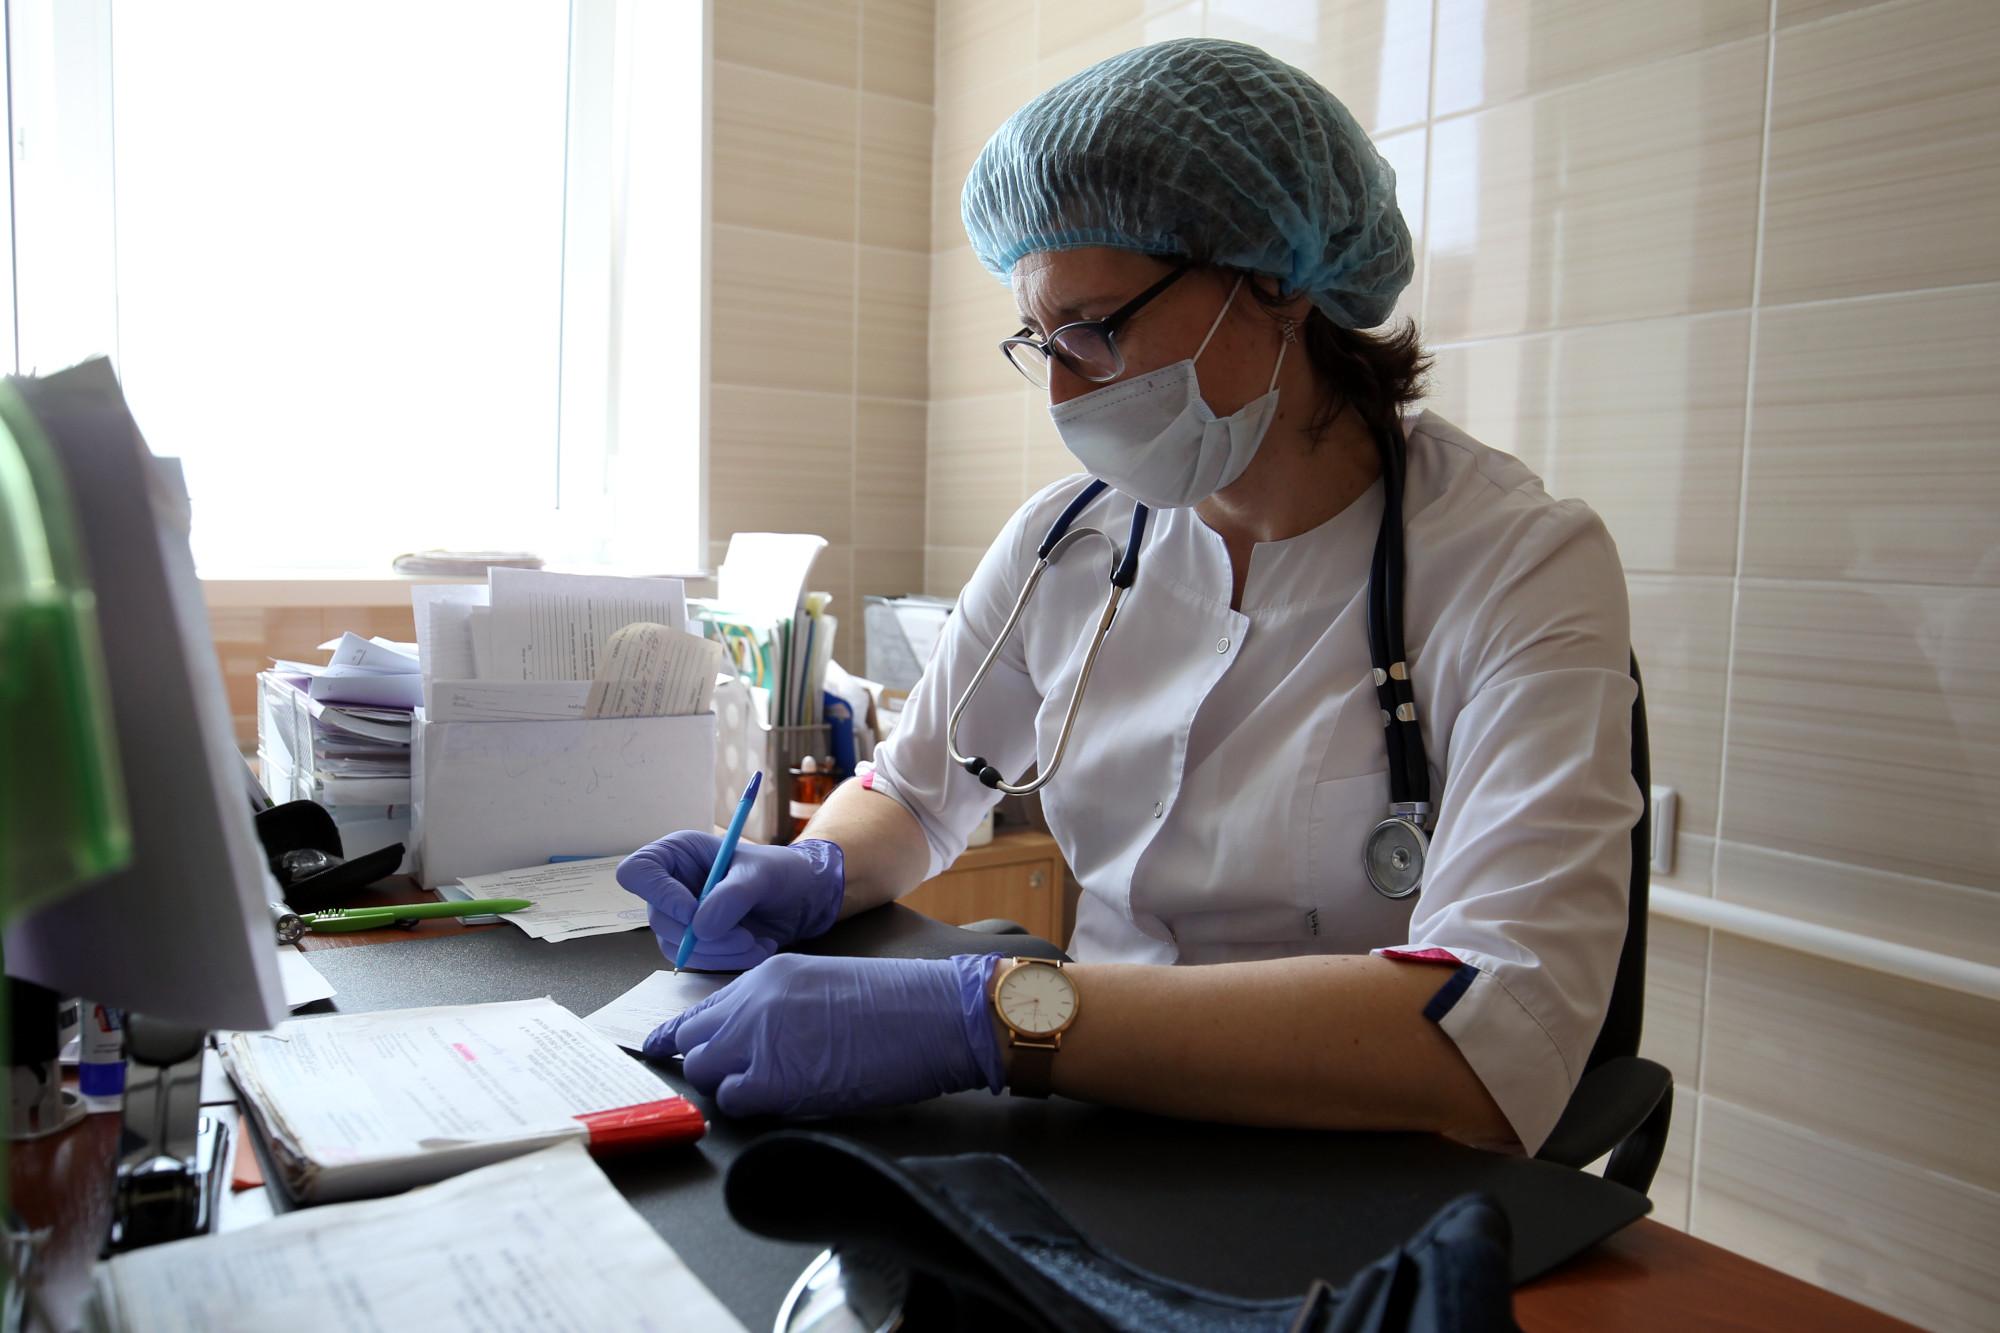 поликлиника 117, Осиновая Роща, Оксана Казаринова, врач, терапевт